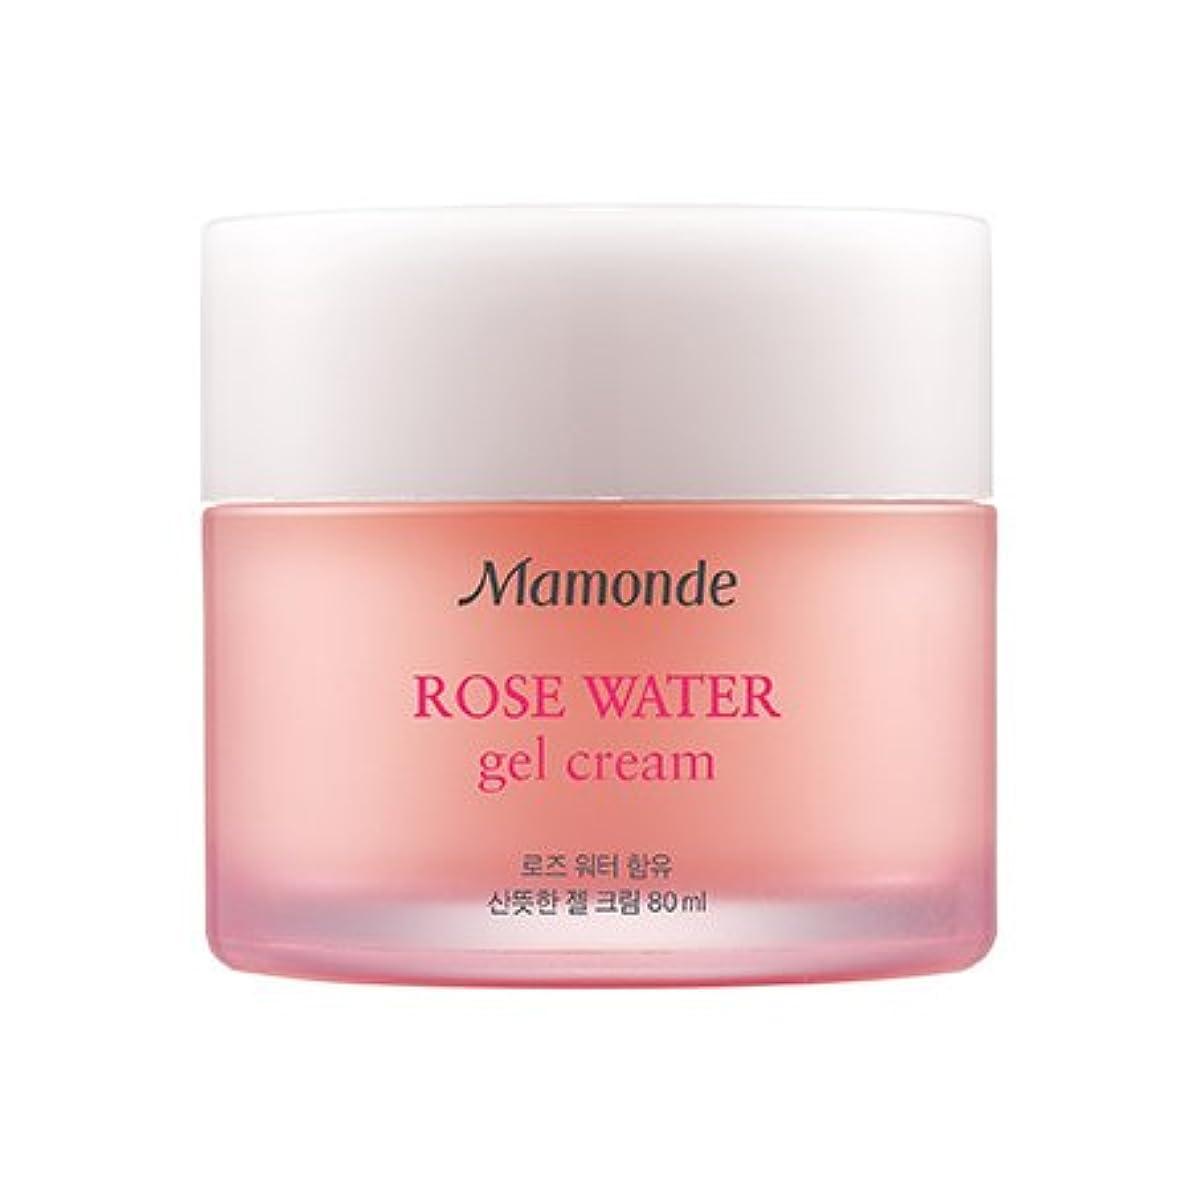 スプーン露出度の高いるMamonde Rose Water Gel Cream 80ml/マモンド ローズ ウォーター ジェル クリーム 80ml [並行輸入品]